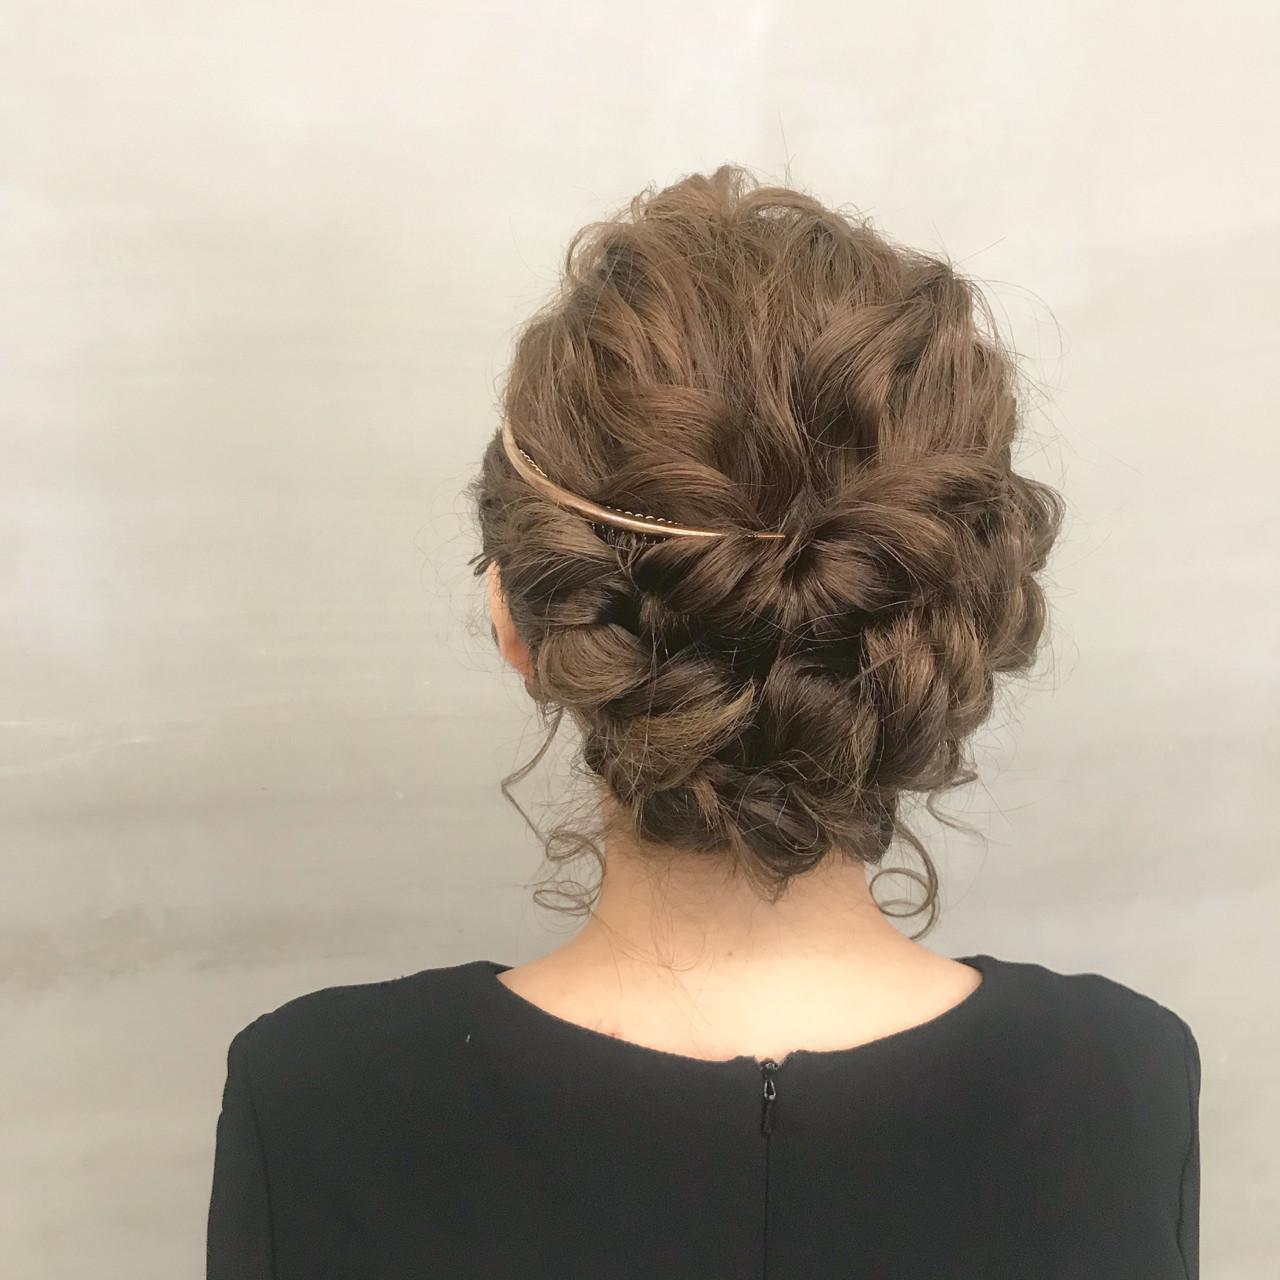 ほんのりガーリーなセミロングのアップスタイルの髪型 brisa 野田 沙織brisa ブリッサ